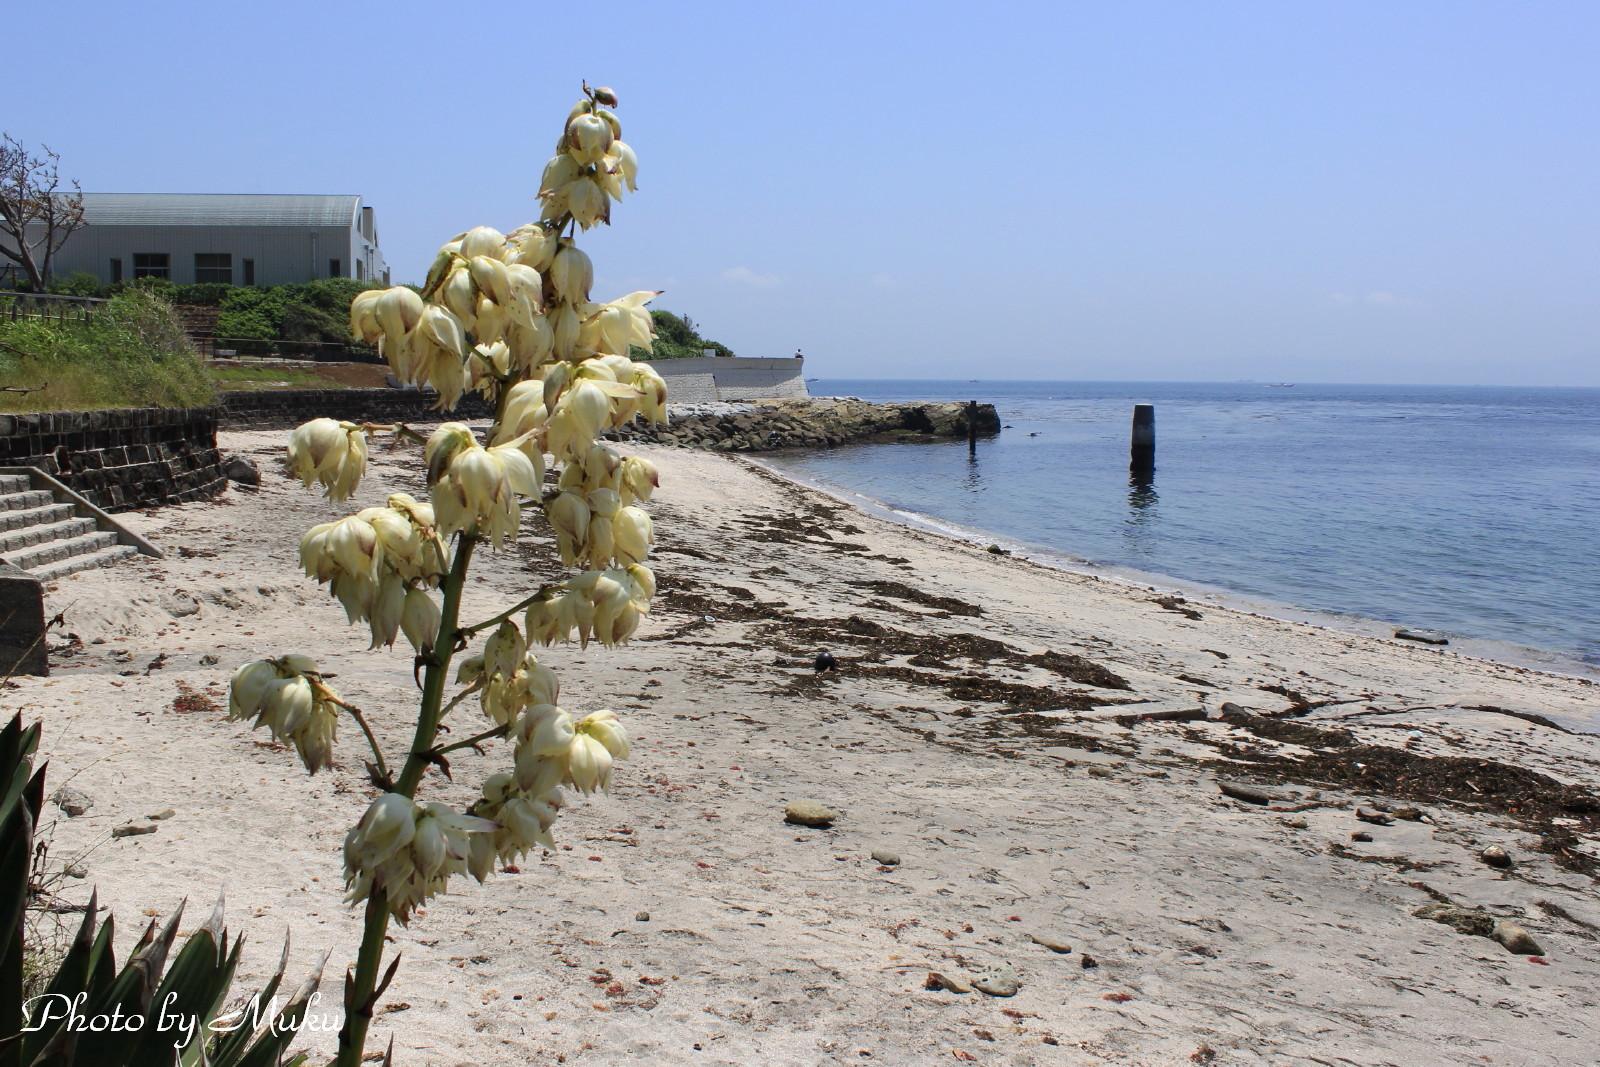 2014/05/29 ユッカの花 (たたら浜:神奈川県横須賀市)